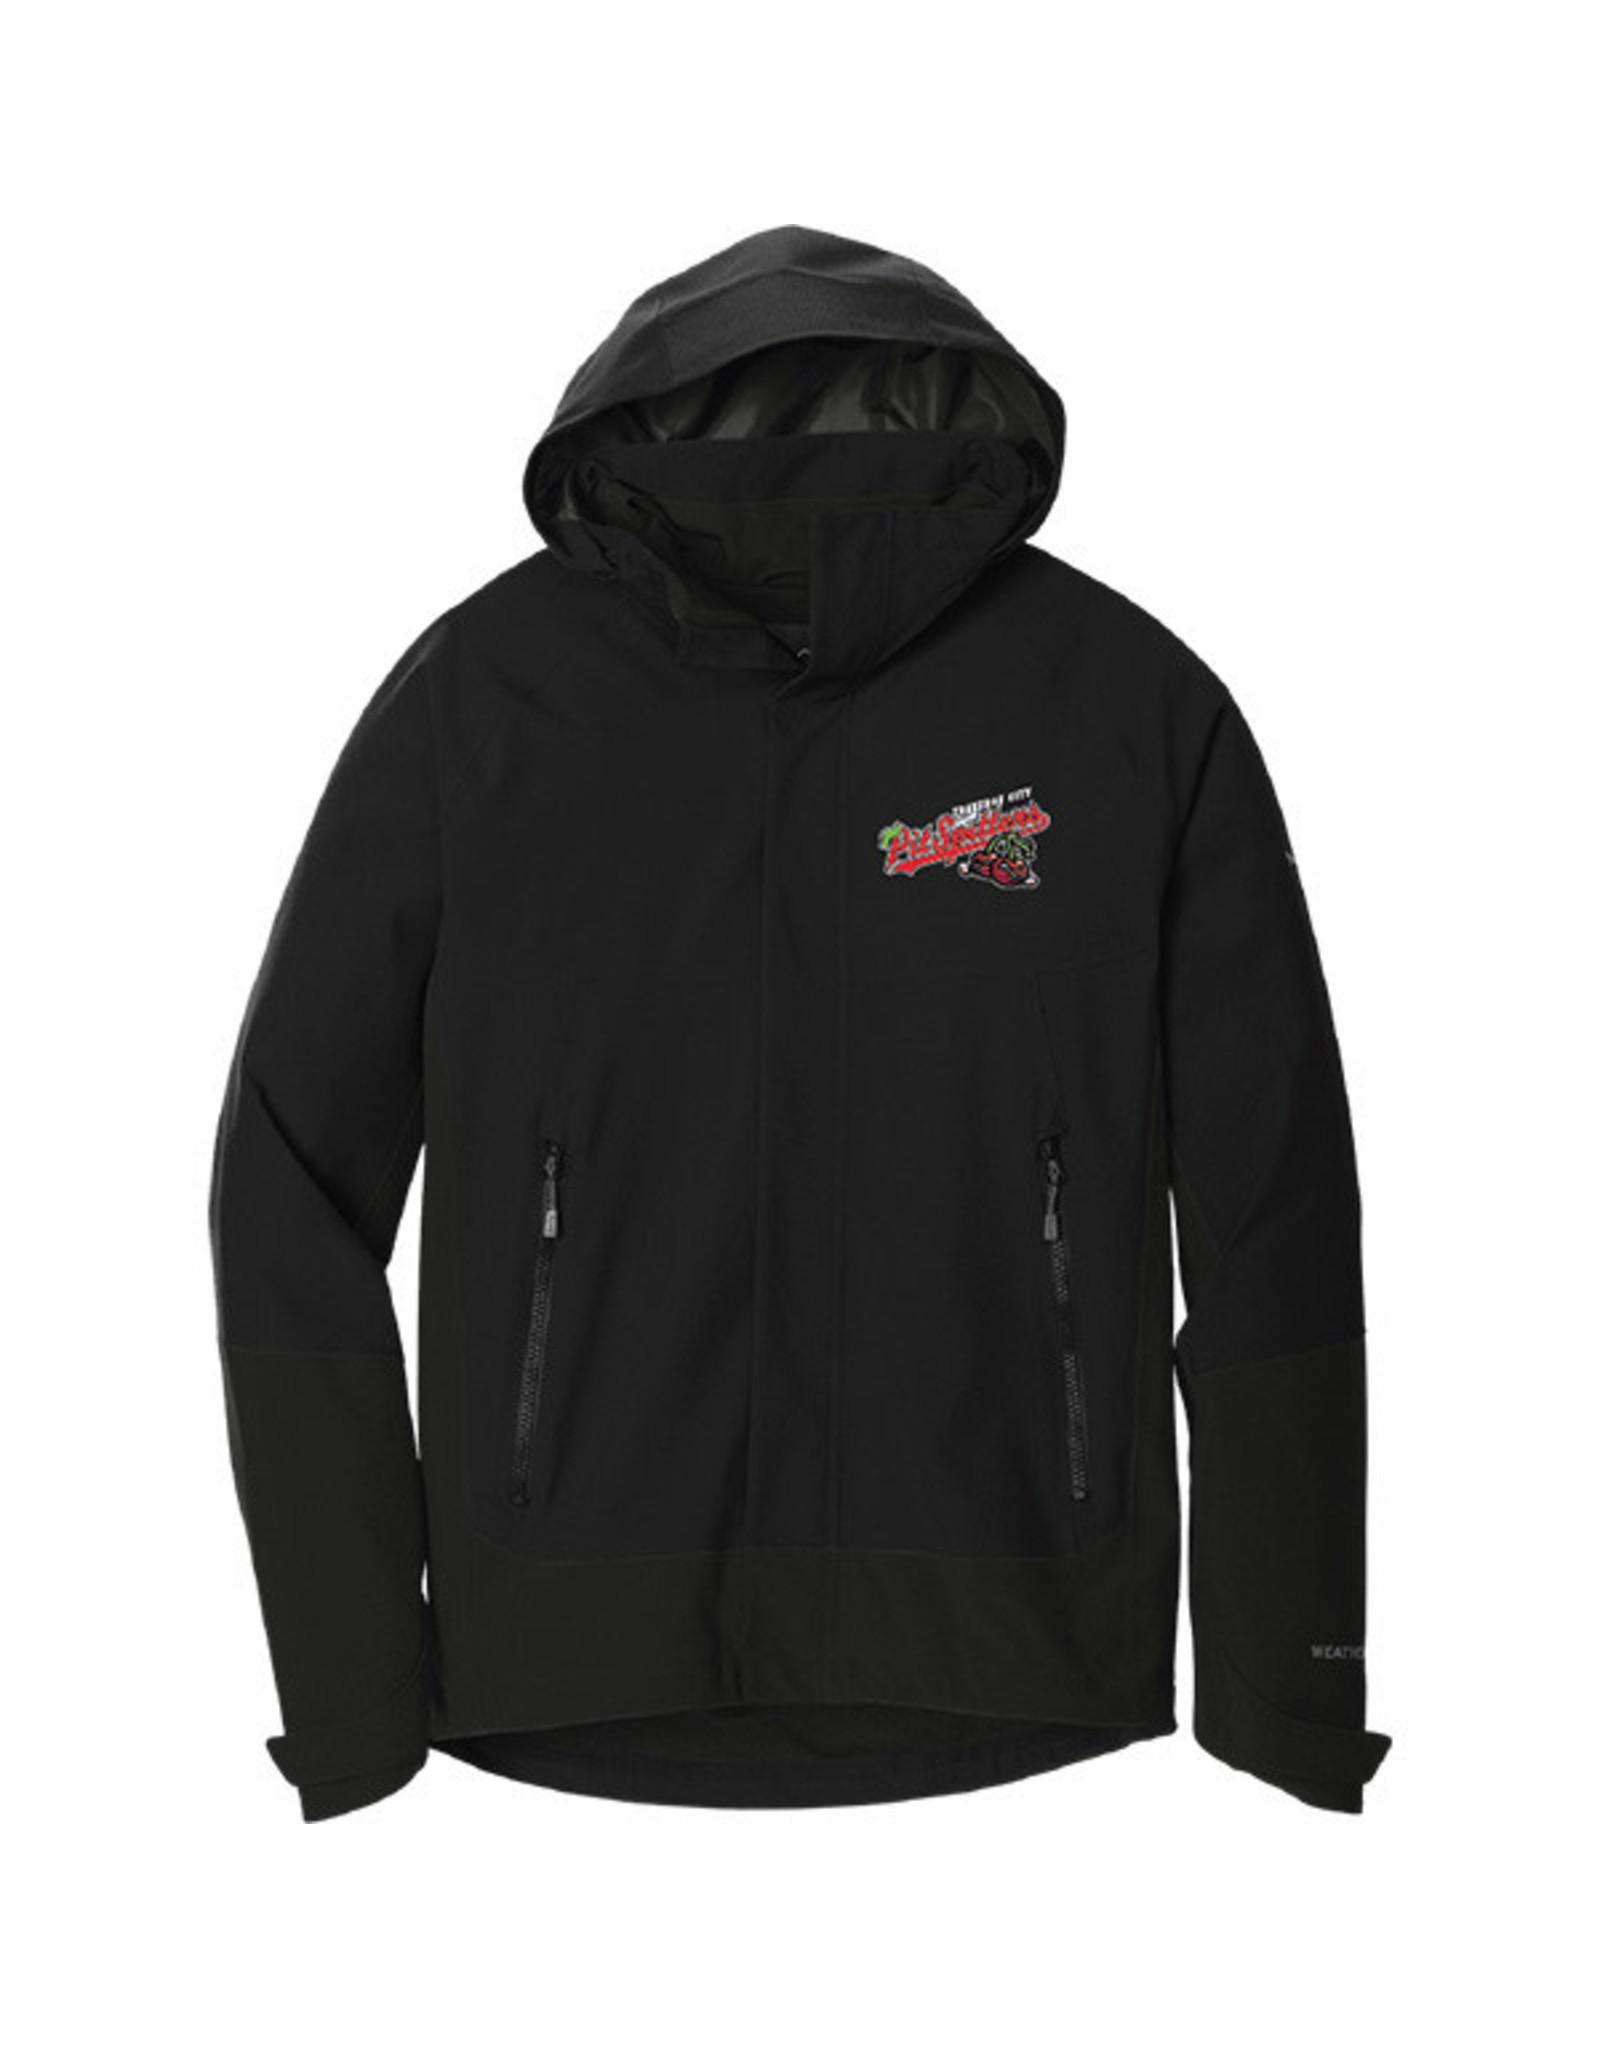 3703 Eddie Bauer Weather Edge Hooded Full Zip Jacket